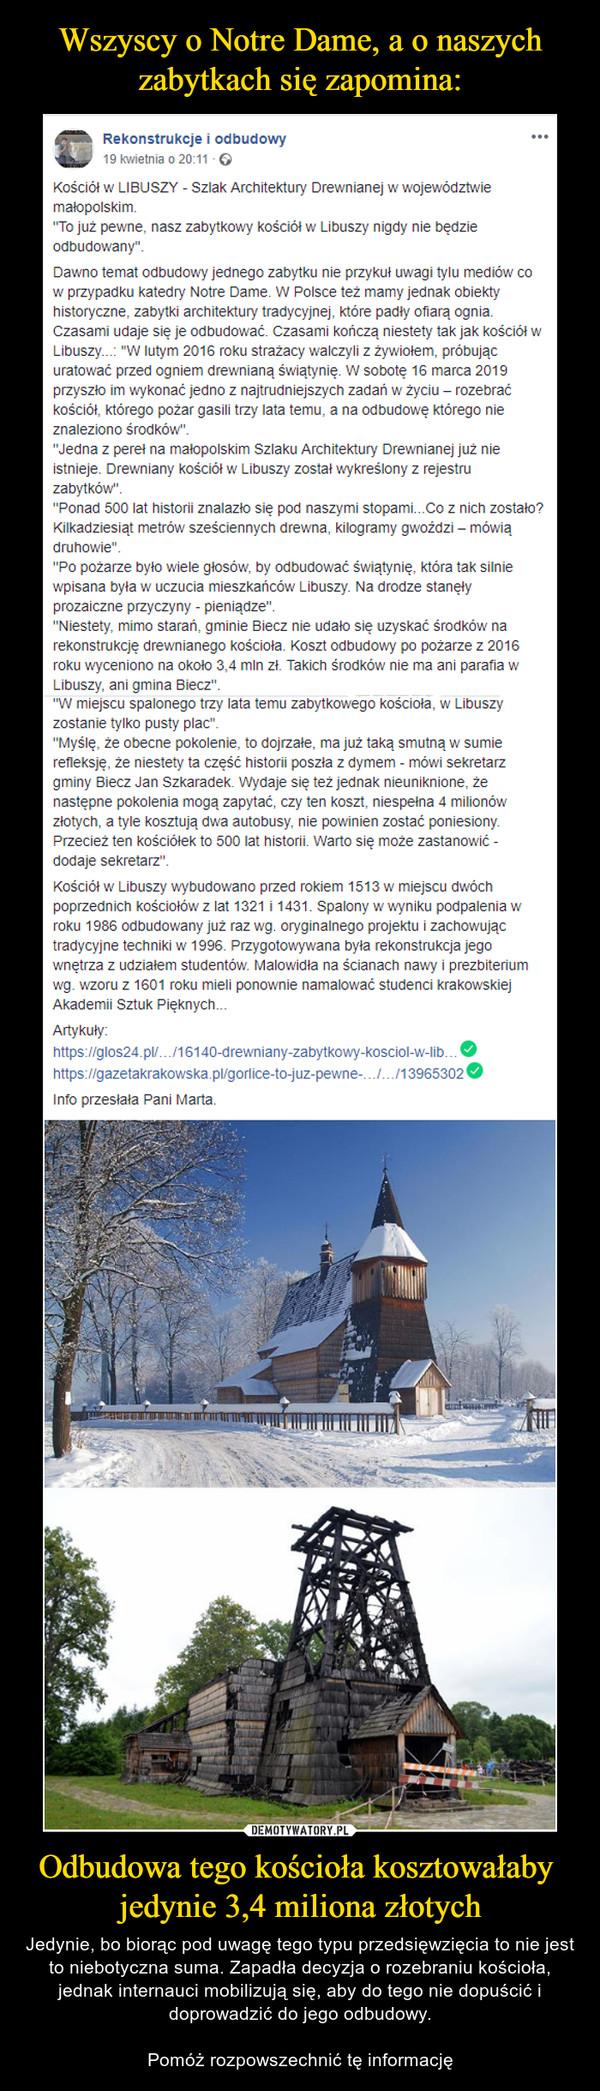 Odbudowa tego kościoła kosztowałaby jedynie 3,4 miliona złotych – Jedynie, bo biorąc pod uwagę tego typu przedsięwzięcia to nie jest to niebotyczna suma. Zapadła decyzja o rozebraniu kościoła, jednak internauci mobilizują się, aby do tego nie dopuścić i doprowadzić do jego odbudowy.Pomóż rozpowszechnić tę informację Rekonstrukcje i odbudowy19 kwietnia o 20:11 · Kościół w LIBUSZY - Szlak Architektury Drewnianej w województwie małopolskim.''To już pewne, nasz zabytkowy kościół w Libuszy nigdy nie będzie odbudowany''.Dawno temat odbudowy jednego zabytku nie przykuł uwagi tylu mediów co w przypadku katedry Notre Dame. W Polsce też mamy jednak obiekty historyczne, zabytki architektury tradycyjnej, które padły ofiarą ognia. Czasami udaje się je odbudować. Czasami kończą niestety tak jak kościół w Libuszy...: ''W lutym 2016 roku strażacy walczyli z żywiołem, próbując uratować przed ogniem drewnianą świątynię. W sobotę 16 marca 2019 przyszło im wykonać jedno z najtrudniejszych zadań w życiu – rozebrać kościół, którego pożar gasili trzy lata temu, a na odbudowę którego nie znaleziono środków''.''Jedna z pereł na małopolskim Szlaku Architektury Drewnianej już nie istnieje. Drewniany kościół w Libuszy został wykreślony z rejestru zabytków''. ''Ponad 500 lat historii znalazło się pod naszymi stopami...Co z nich zostało? Kilkadziesiąt metrów sześciennych drewna, kilogramy gwoździ – mówią druhowie''.''Po pożarze było wiele głosów, by odbudować świątynię, która tak silnie wpisana była w uczucia mieszkańców Libuszy. Na drodze stanęły prozaiczne przyczyny - pieniądze''. ''Niestety, mimo starań, gminie Biecz nie udało się uzyskać środków na rekonstrukcję drewnianego kościoła. Koszt odbudowy po pożarze z 2016 roku wyceniono na około 3,4 mln zł. Takich środków nie ma ani parafia w Libuszy, ani gmina Biecz''. ''W miejscu spalonego trzy lata temu zabytkowego kościoła, w Libuszy zostanie tylko pusty plac''.''Myślę, że obecne pokolenie, to dojrzałe, ma już taką smutną w sumie refleksję, że